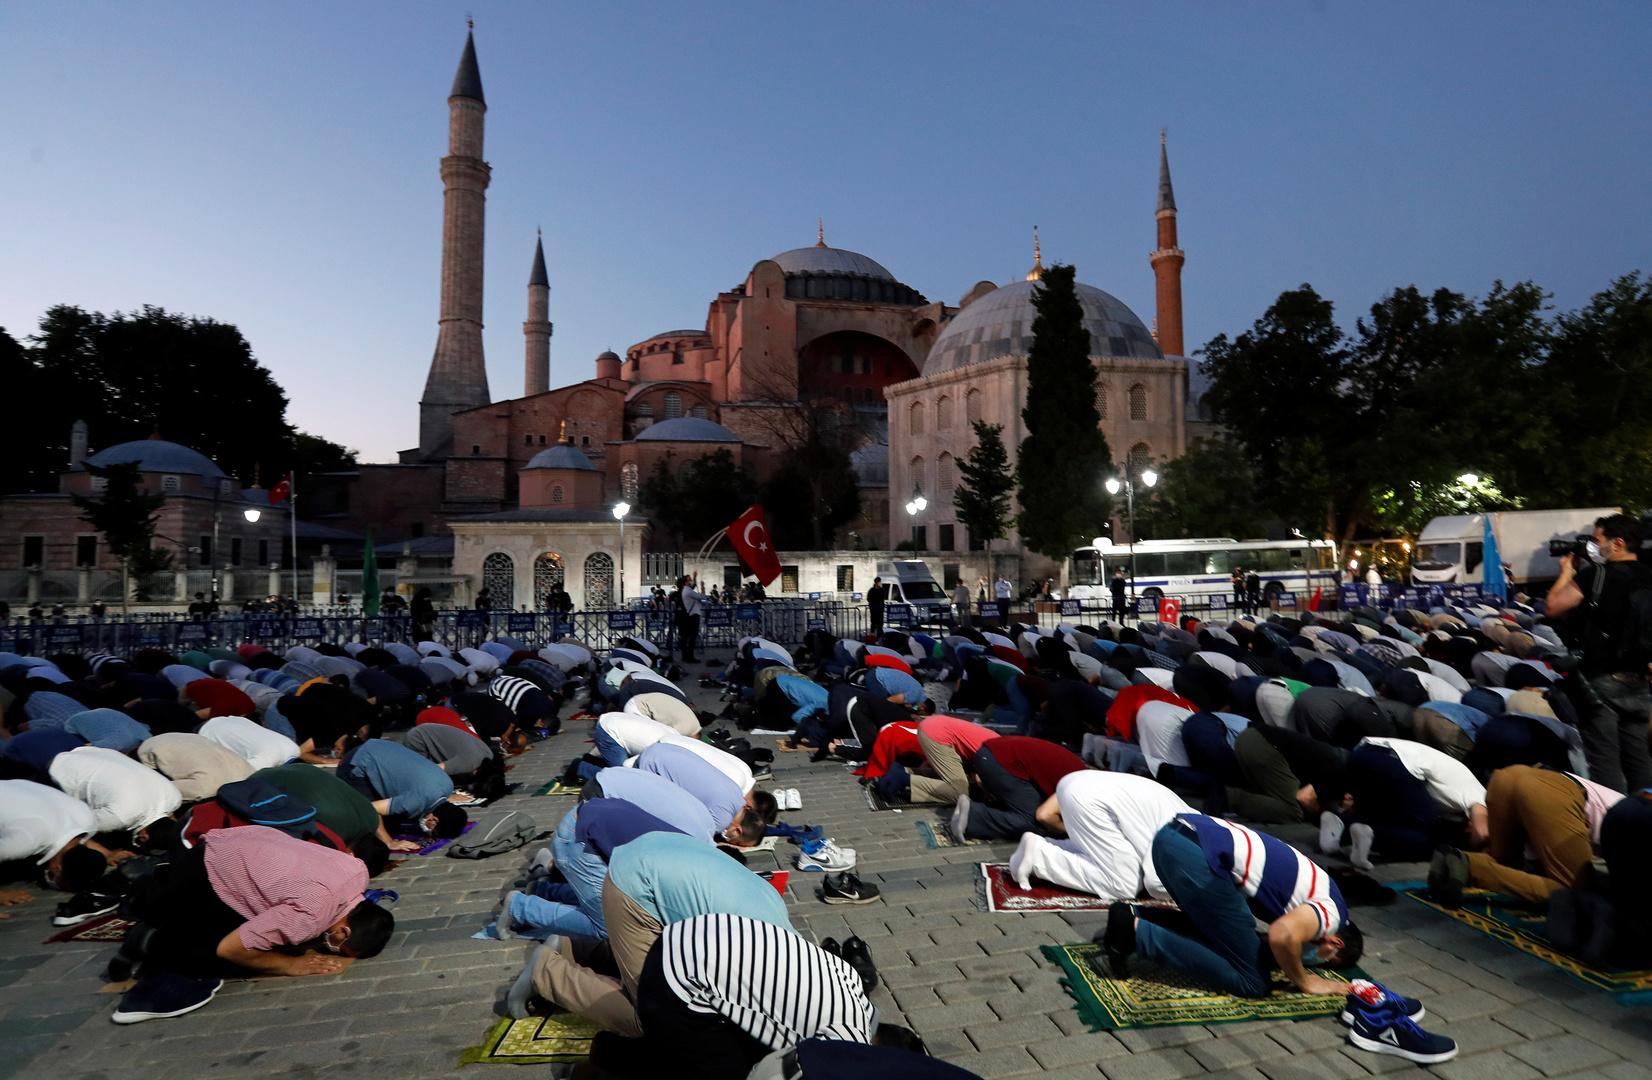 الكنيسة الأرثوذكسية الروسية: لم تكف أردوغان حكمة رجل الدولة